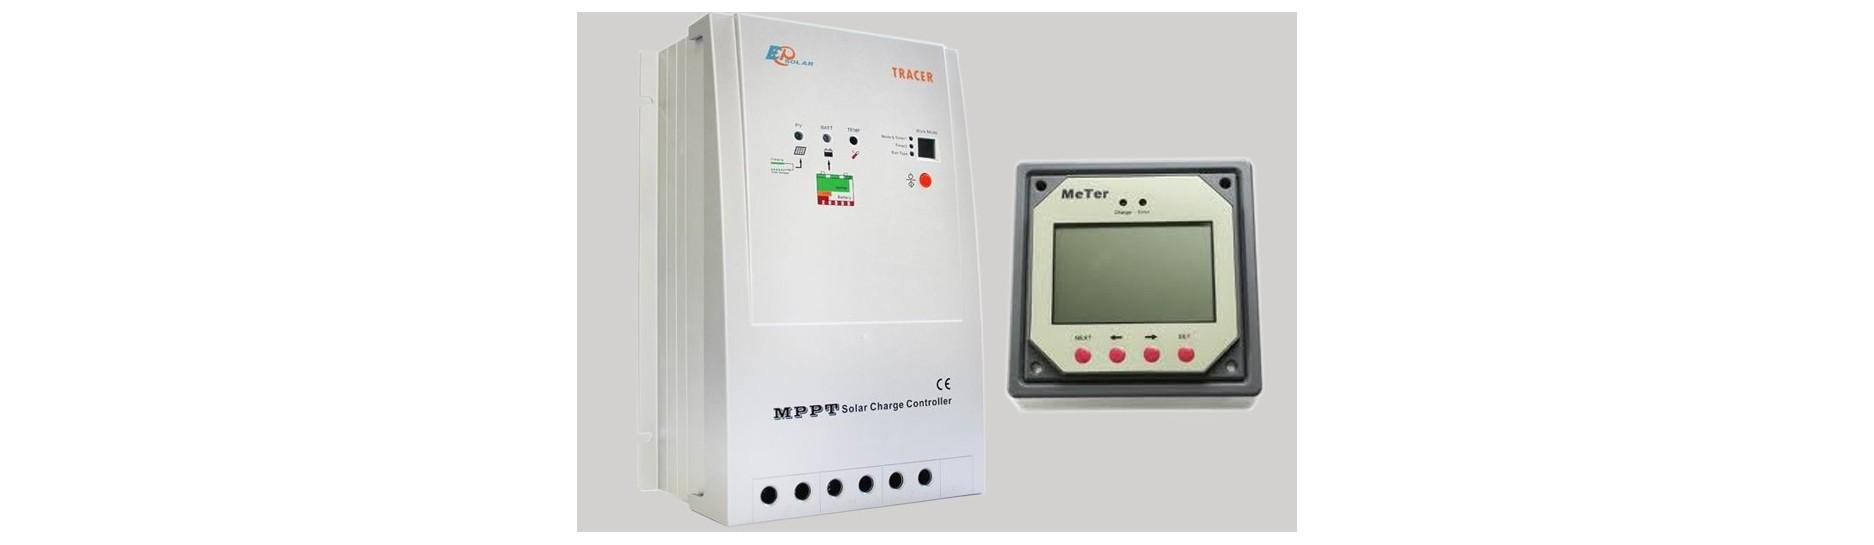 Solární regulátory, MPPT, 12V, 24V, 48V